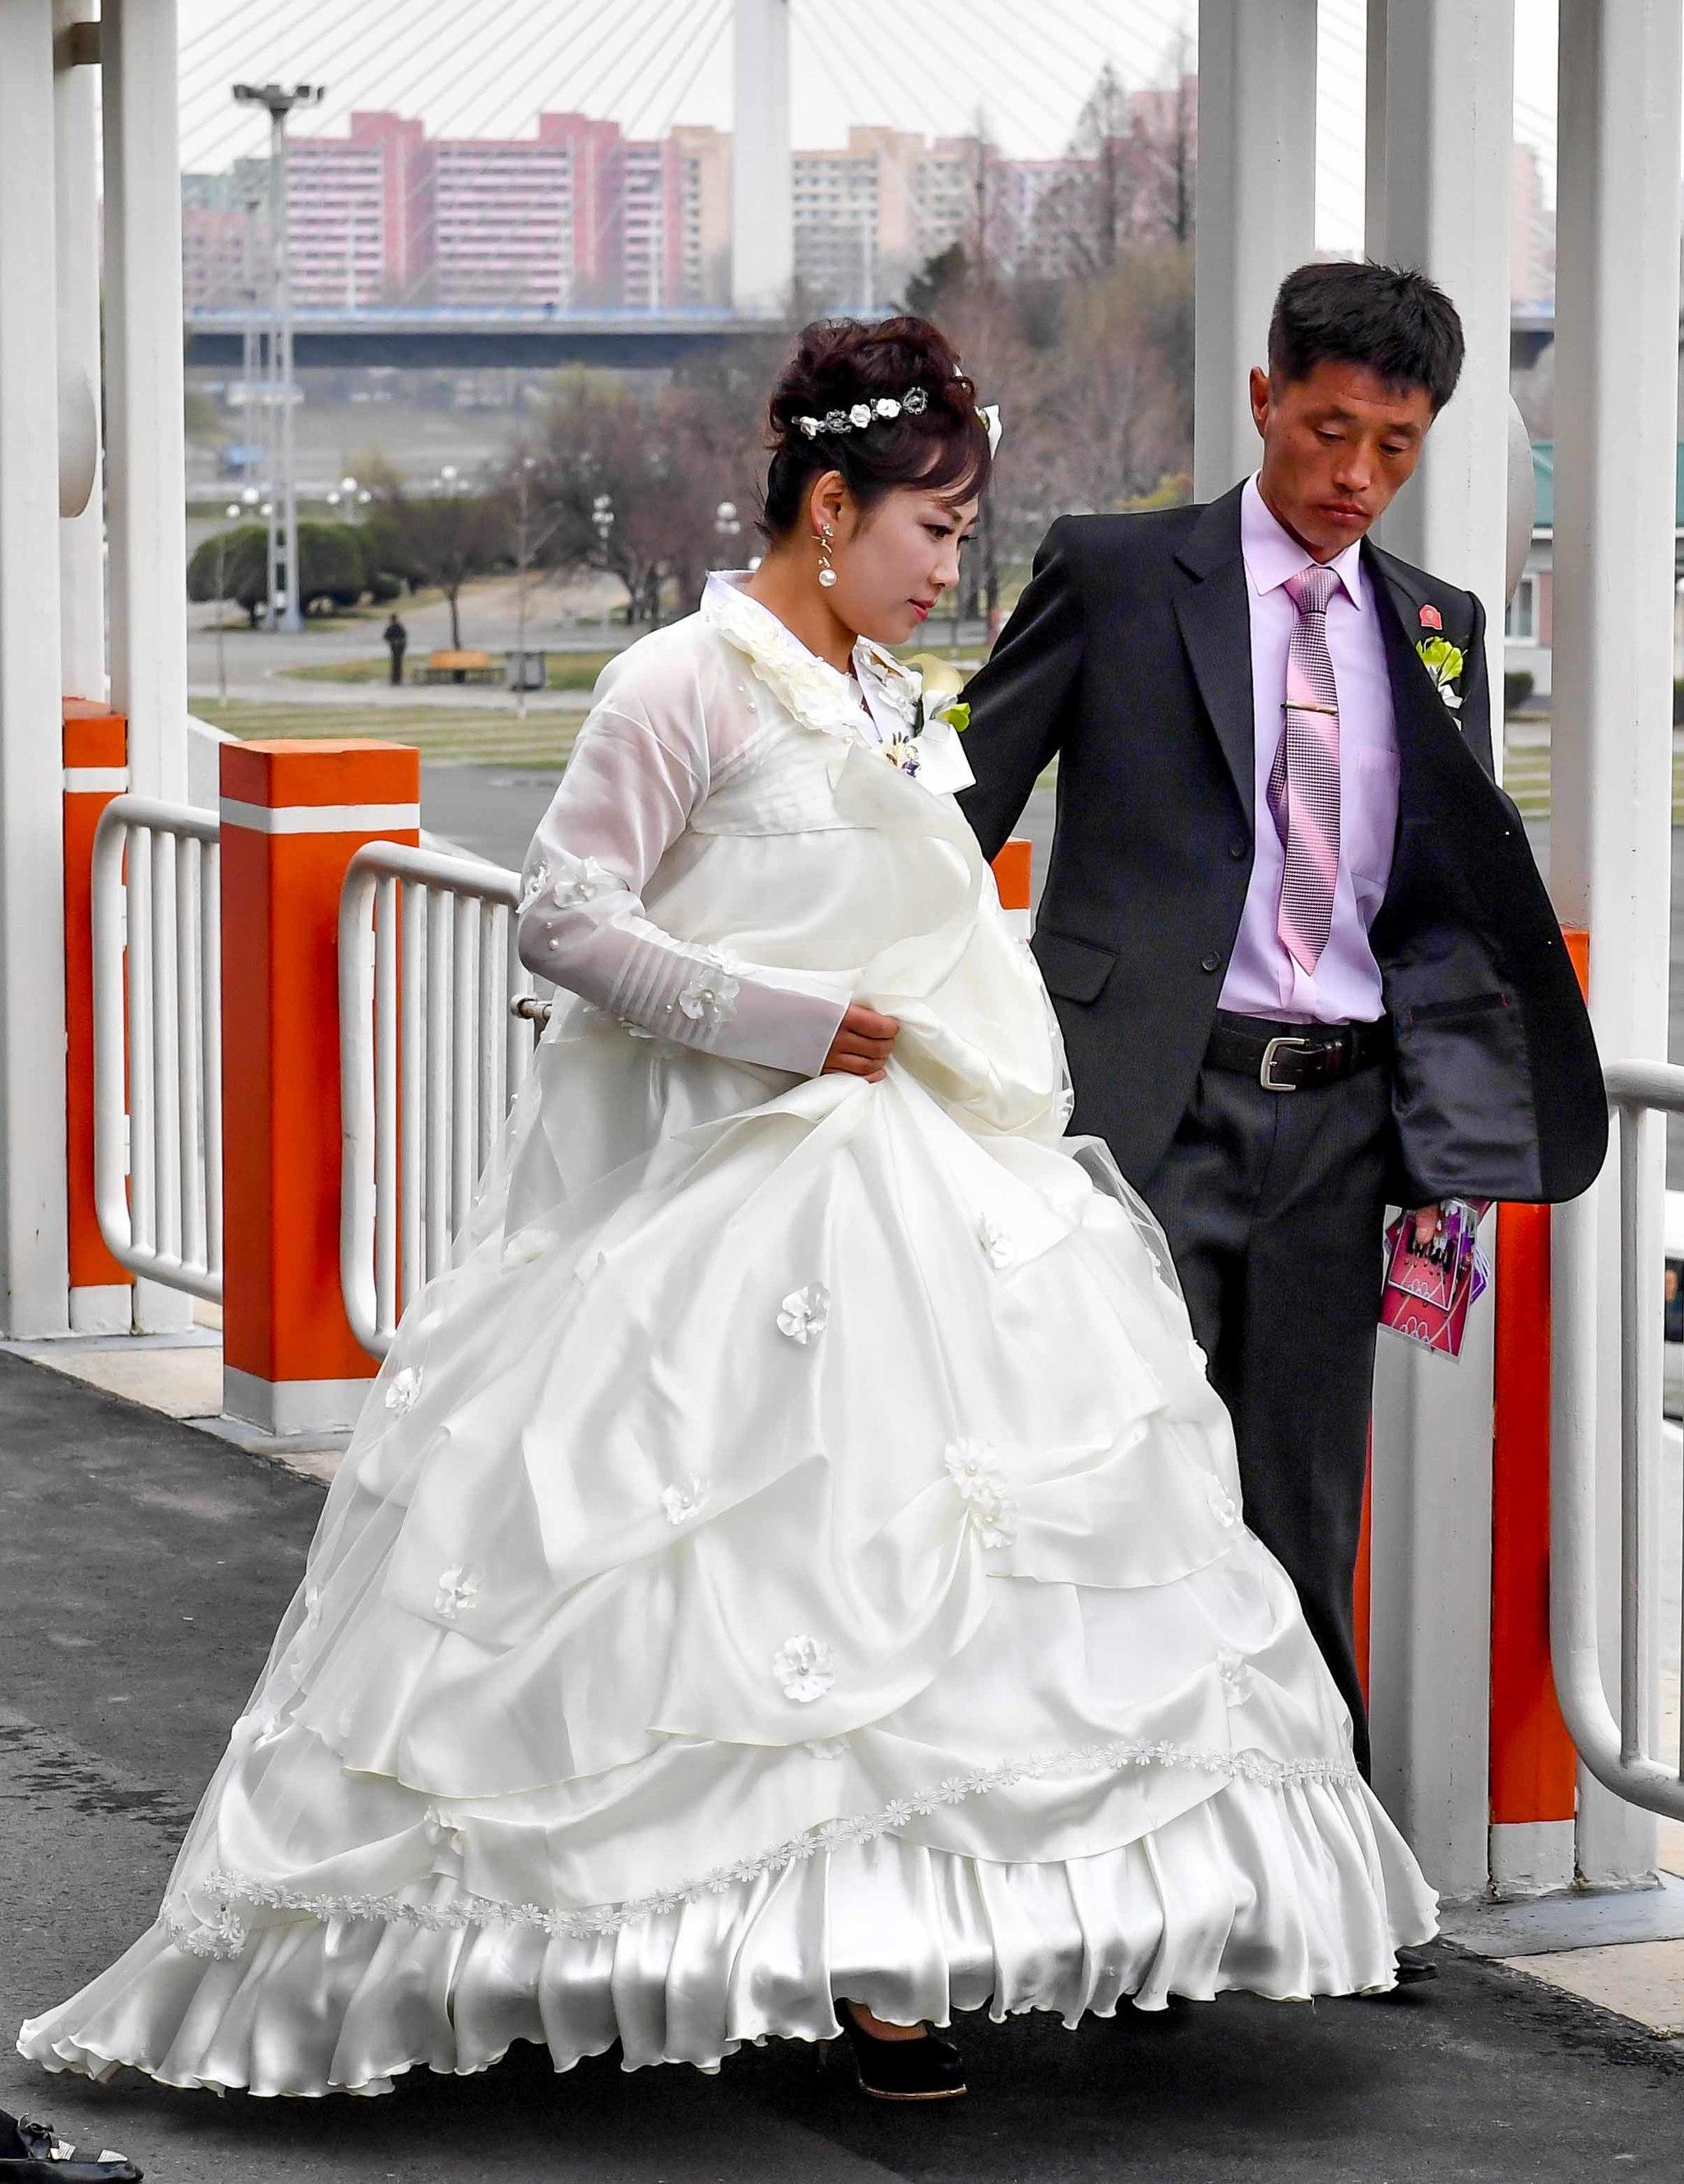 6일 결혼식을 마친 한쌍의 부부. 사진공동취재단